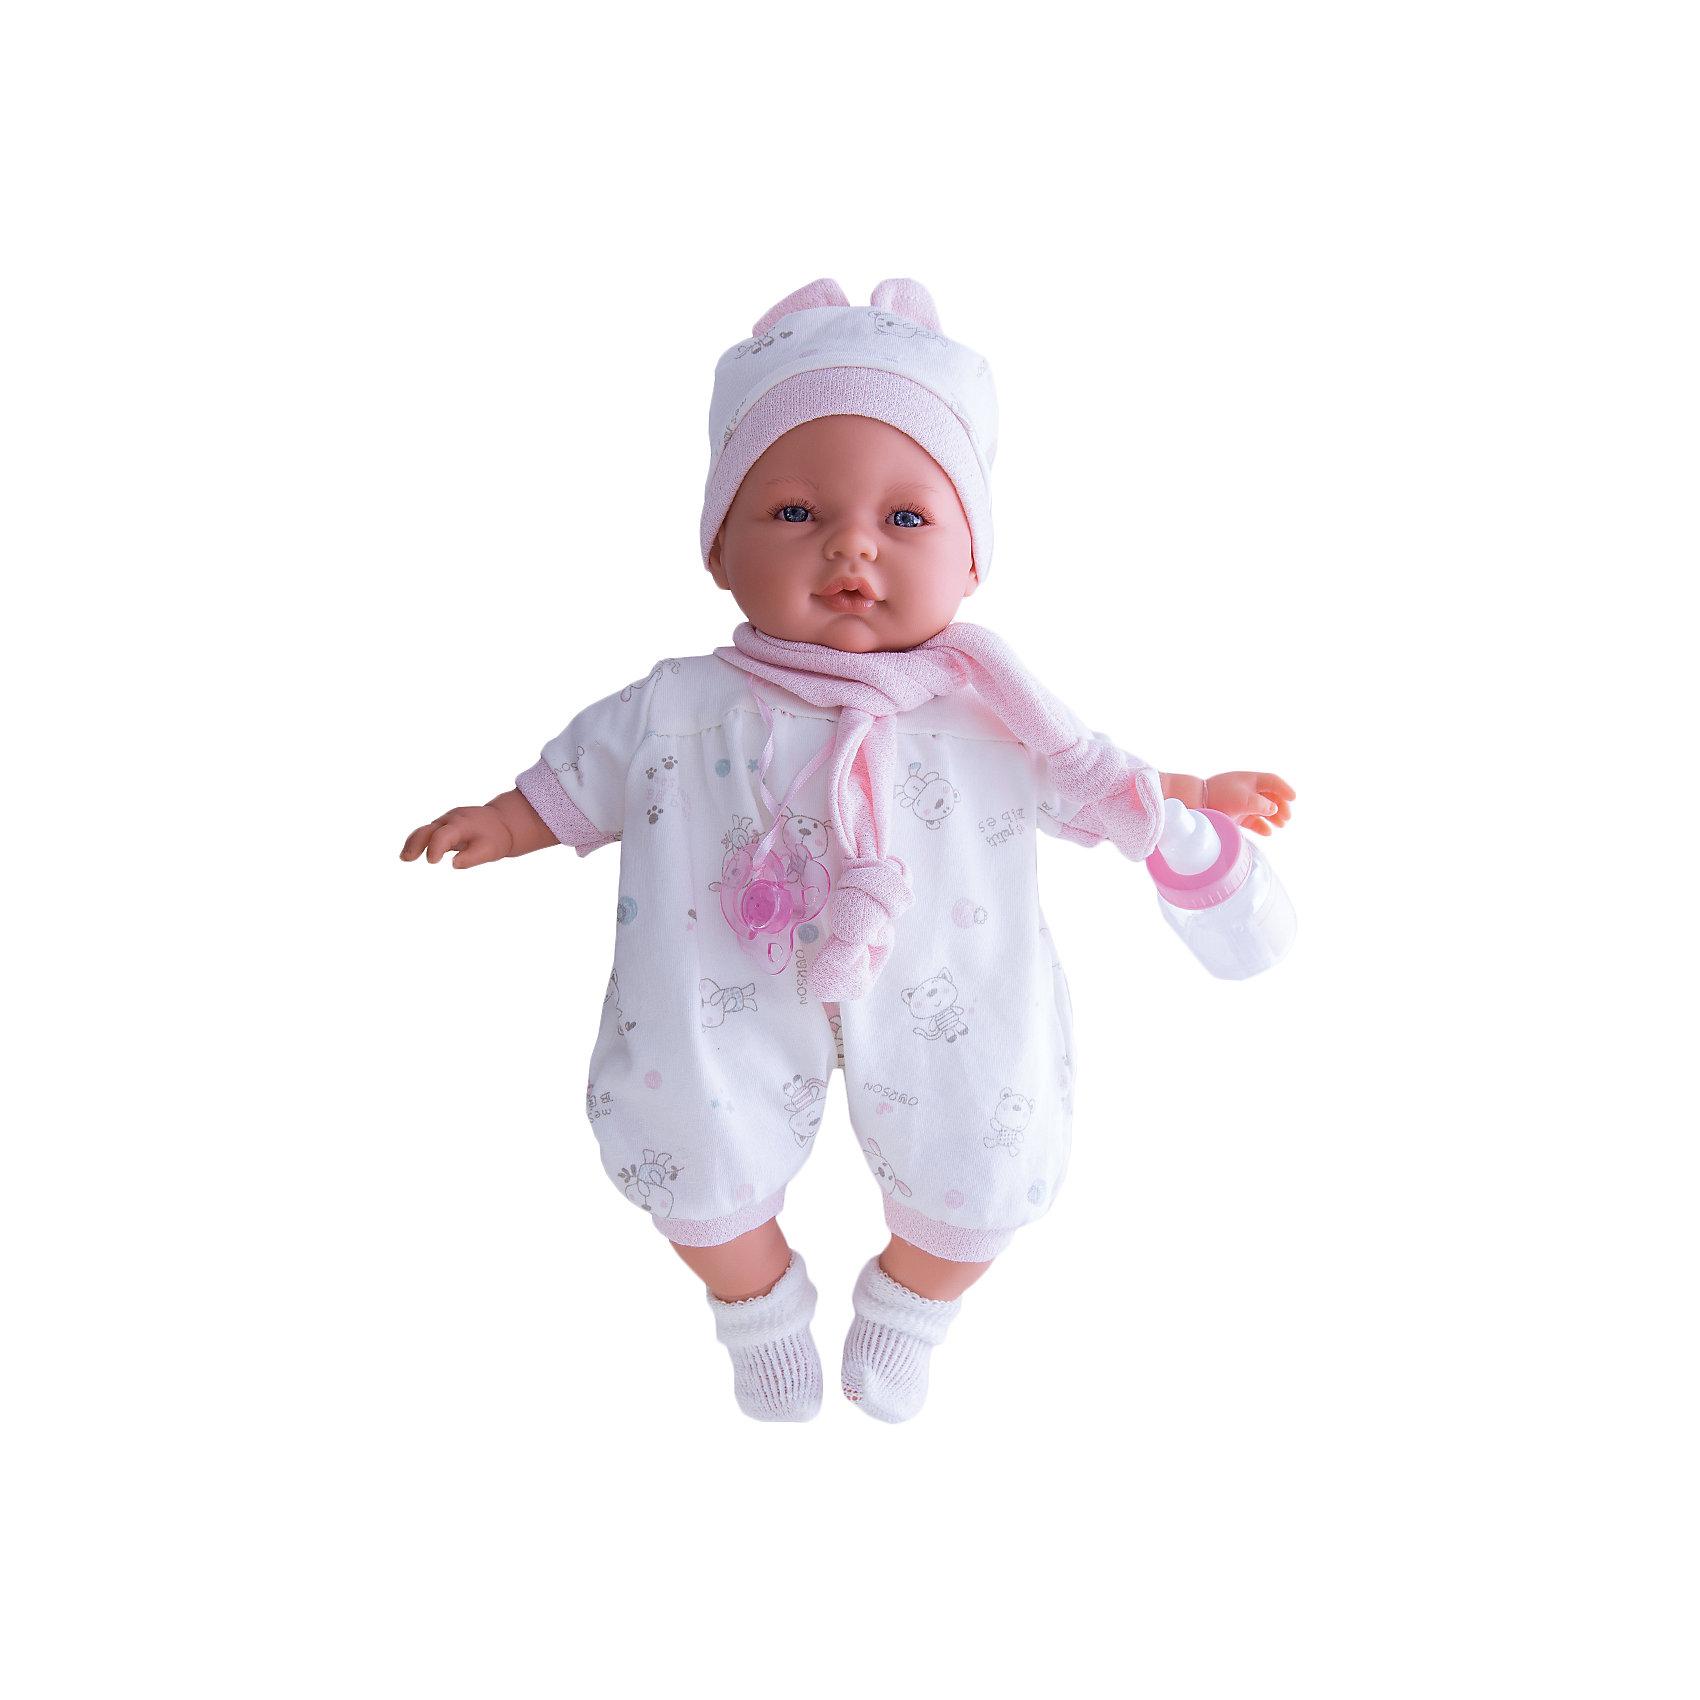 Кукла София в розовом, 37 см, Munecas Antonio JuanКукла София в розовом, 37см, Munecas Antonio Juan (Мунекас от Антонио Хуан) ? это очаровательная малышка от всемирно известного испанского бренда Мунекас от Антонио Хуан, который знаменит своими реалистичными куклами. Кукла изготовлена из винила высшего качества, ручки и ножки подвижны, глазки не закрываются. <br>Выразительный взгляд голубых глазах, нежные черты лица, розовые щечки, пухленькие губкеи и курносый носик ? малышка София очарует даже самую взыскательную девочку!<br>Кукла София в розовом, 37см, Munecas Antonio Juan (Мунекас от Антонио Хуан) разработана с учетом анатомических особенностей и мимики младенцев. Играя с Софией, ваш ребенок реалистично проживает роль «мамы», учится ухаживать за малышом, заботиться о нем.<br>В комплекте с куклой идет соска и бутылочка. Если соску достать из ротика, София начинает плакать, успокаивается она, когда соску возвращают обратно в ротик. <br>Одежда куклы разработана современными европейскими дизайнерами: нежный комбинезон с розовыми манжетами, шапочка с ушками и белые носочки. Вокруг шеи повязан розовый шарфик. Весь комплект одежды и его продуманные детали направлены на то, чтобы способствовать формированию чувства стиля и вкуса в одежде у вашей девочки.<br>Куклы JUAN ANTONIO munecas (Мунекас от Антонио Хуан) ? мечта девочки любого возраста!<br><br>Дополнительная информация:<br><br>- Вид игр: сюжетно-ролевые игры <br>- Дополнительные функции: плачет<br>- Комплектация: кукла, соска, бутылочка<br>- Материал: пластик, винил, текстиль<br>- Высота куклы: 37 см<br>- Вес: 6 кг 120 г<br>- Батарейки: 3 шт. АА<br>- Особенности ухода: одежда ? ручная стирка<br><br>Подробнее:<br><br>• Для детей в возрасте: от 3 лет и до 6 лет<br>• Страна производитель: Испания<br>• Торговый бренд: JUAN ANTONIO munecas <br><br>Куклу Софию в розовом 37 см, Munecas Antonio Juan  (Мунекас от Антонио Хуан) можно купить в нашем интернет-магазине.<br><br>Ширина мм: 440<br>Глубина мм: 245<br>Высота мм: 120<